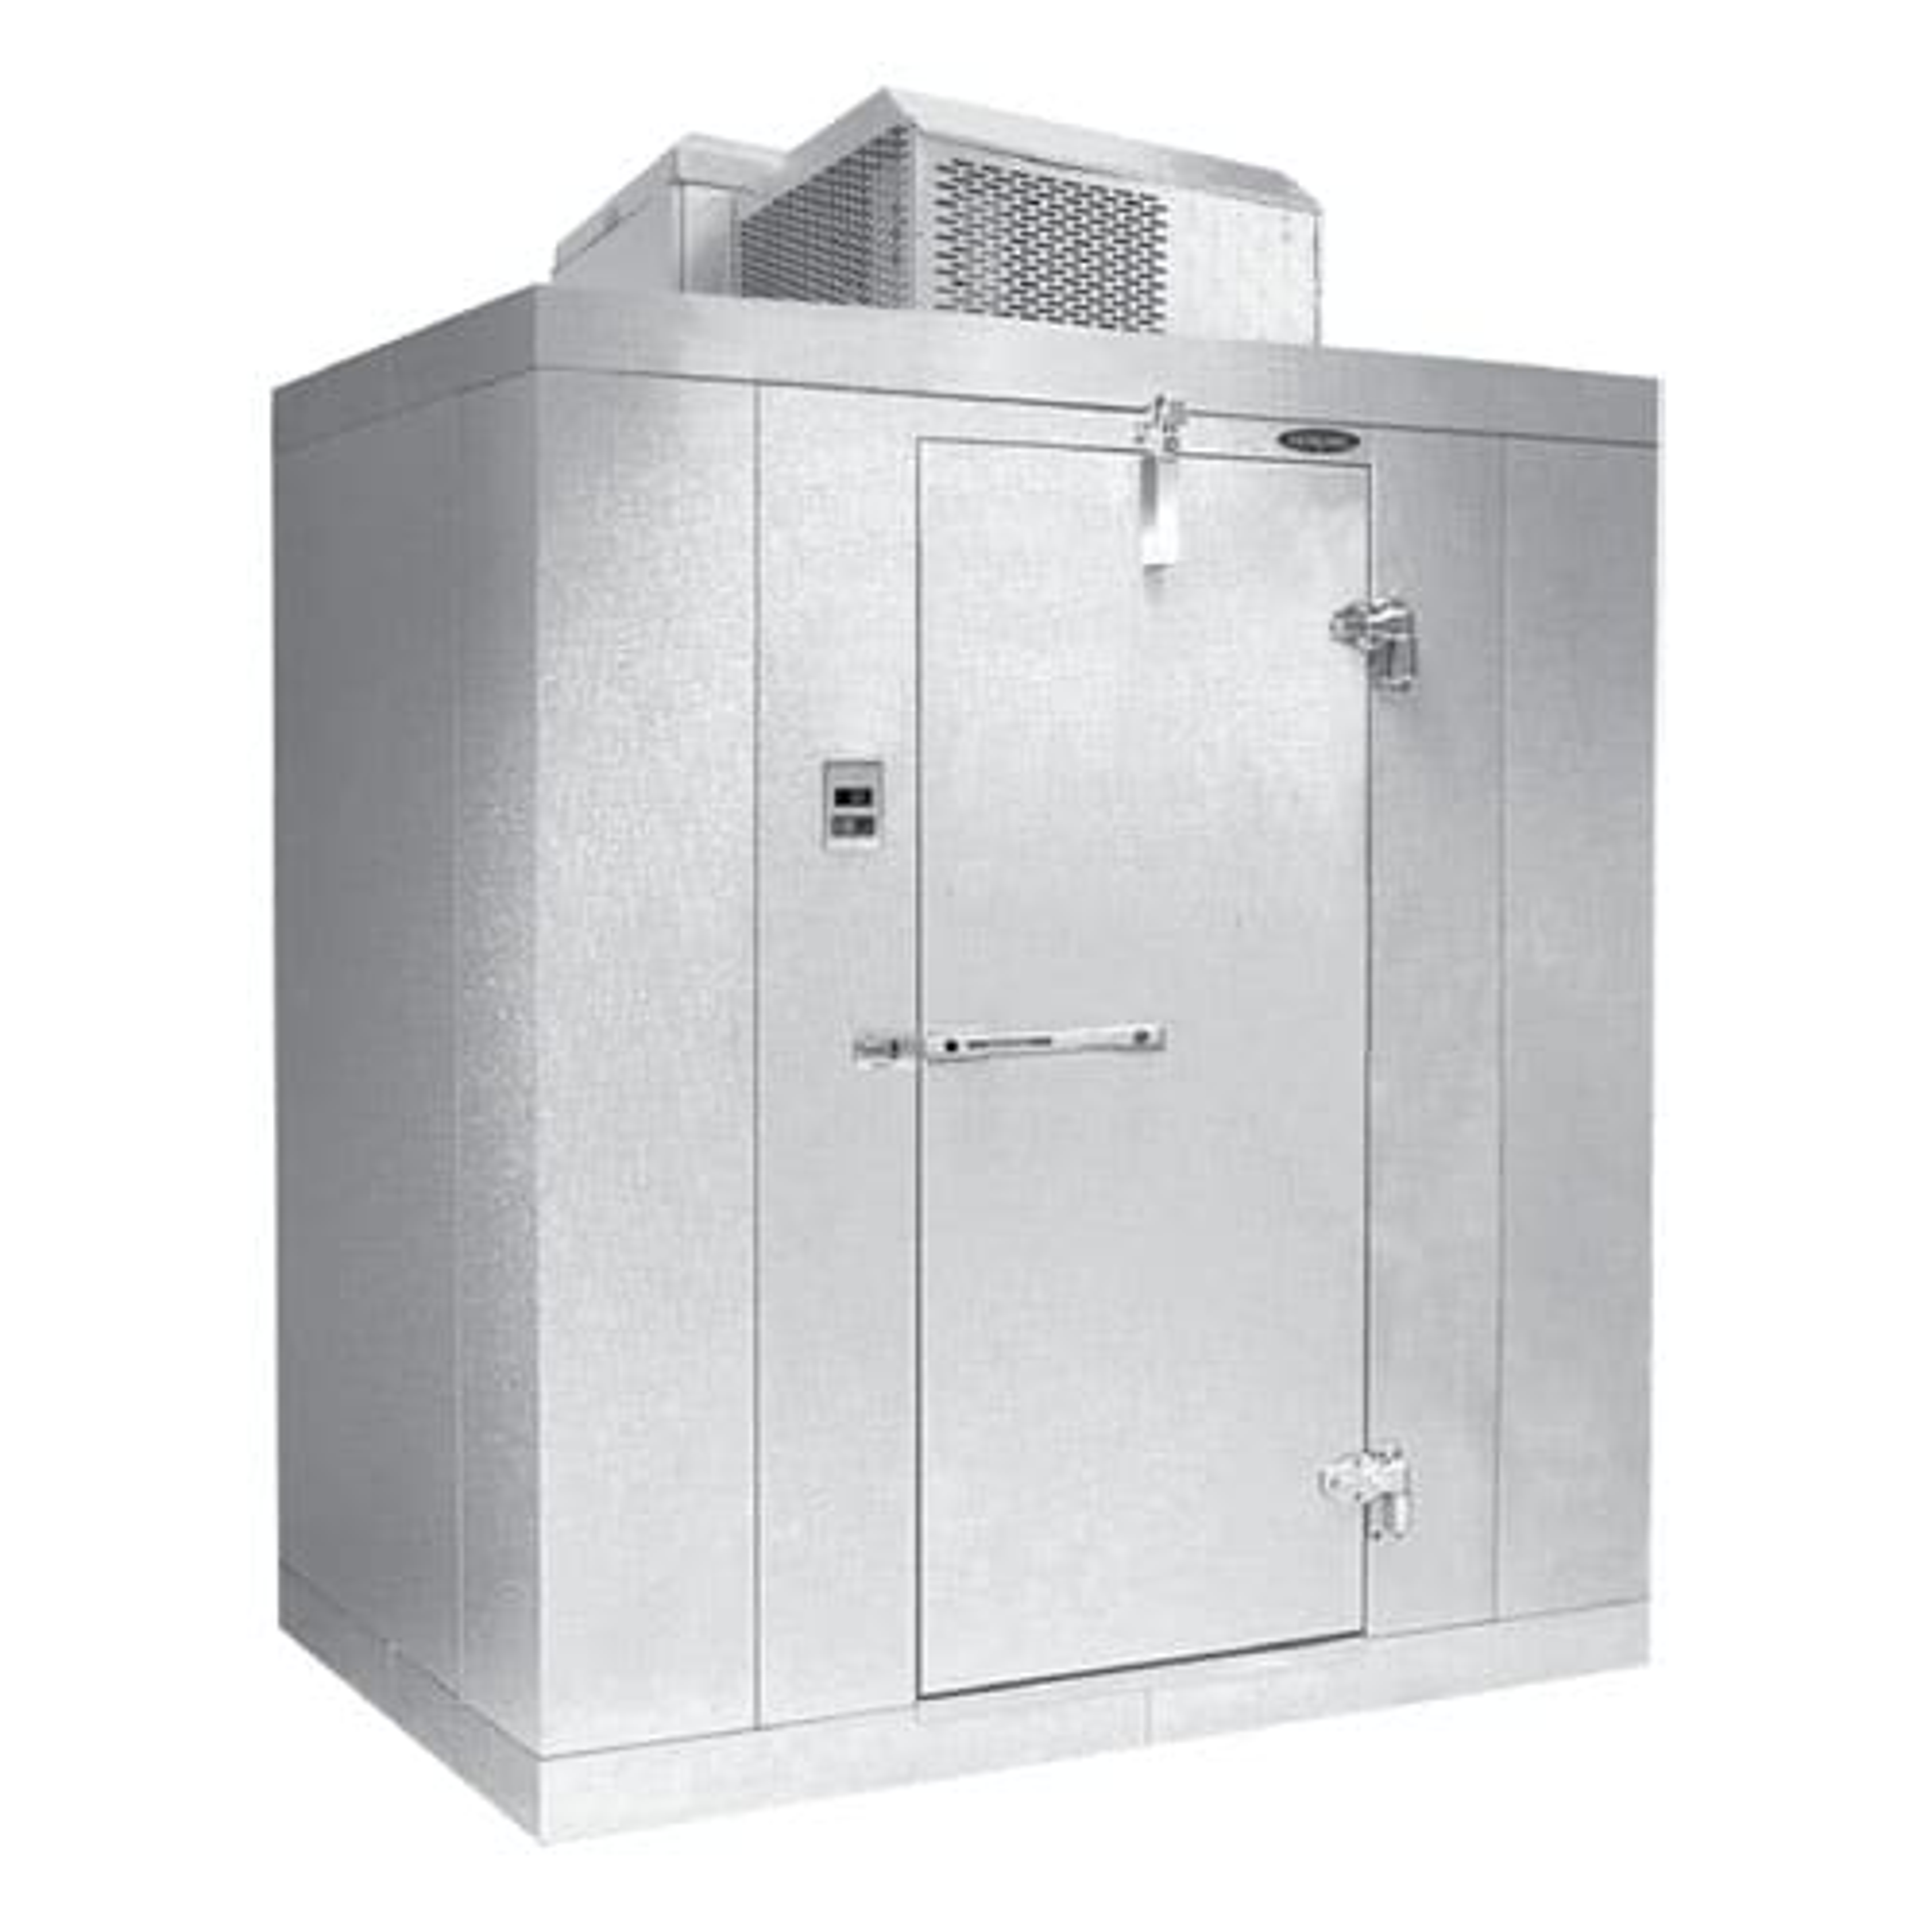 Norlake KLB88-C R Indoor Walk-In Refrigerator w/ Top Mount Compressor, 8' x 8'